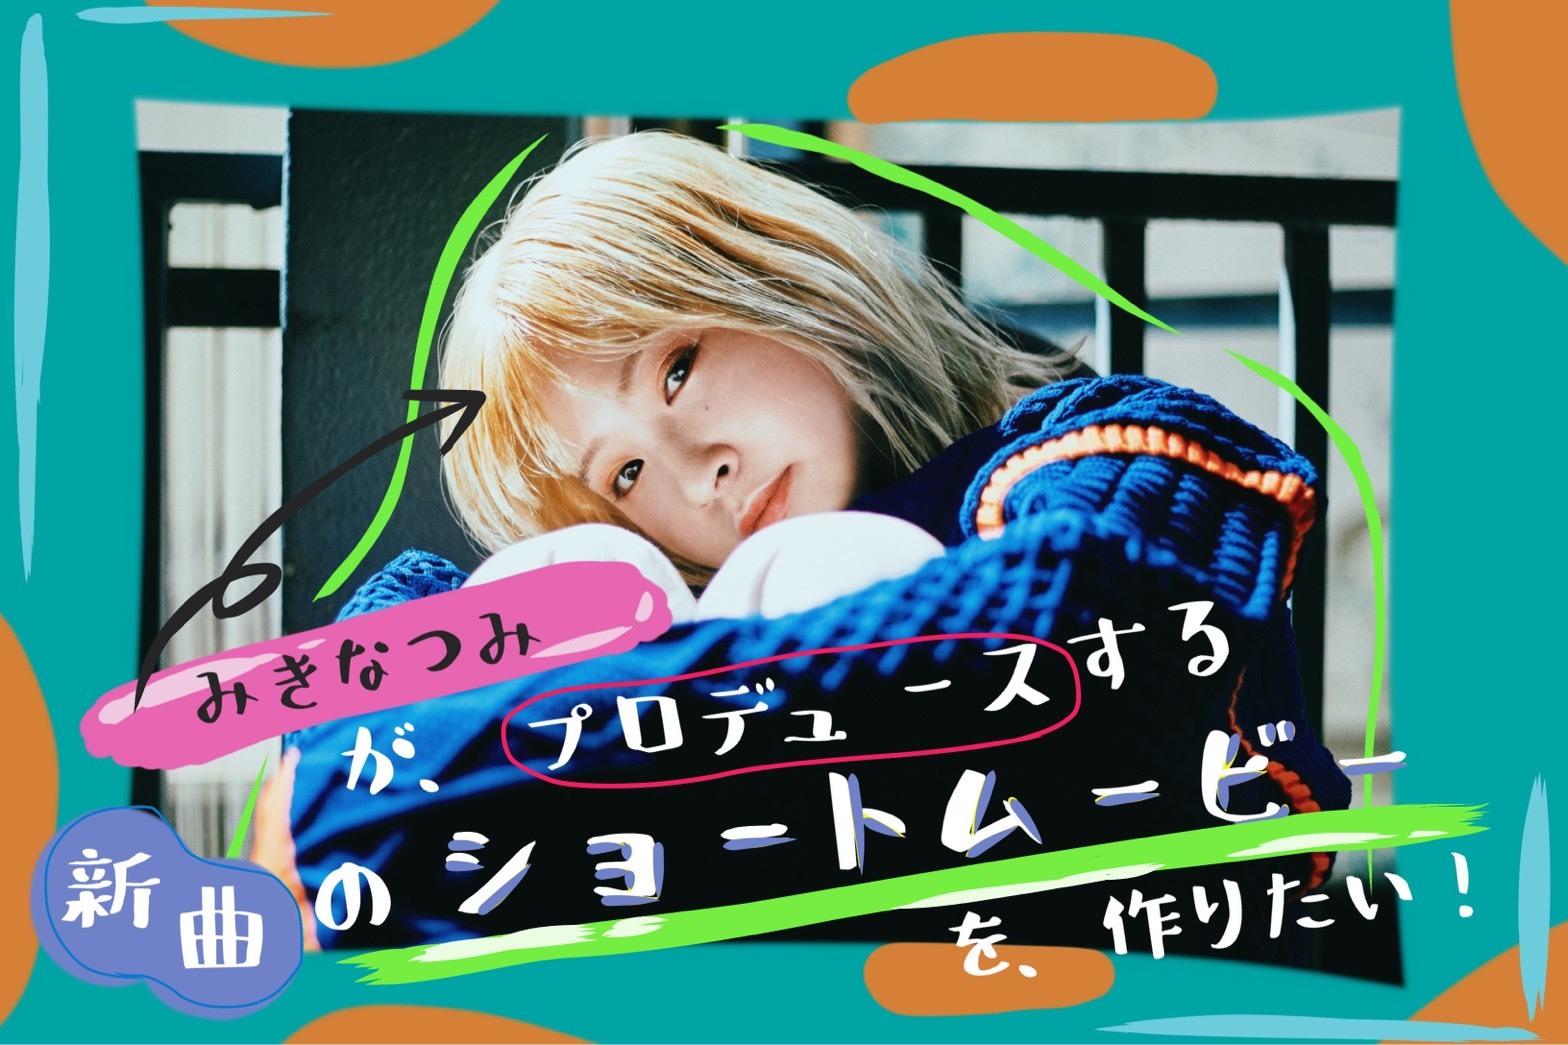 【みきなつみ】本人プロデュース、新曲ショートムービー製作応援プロジェクト